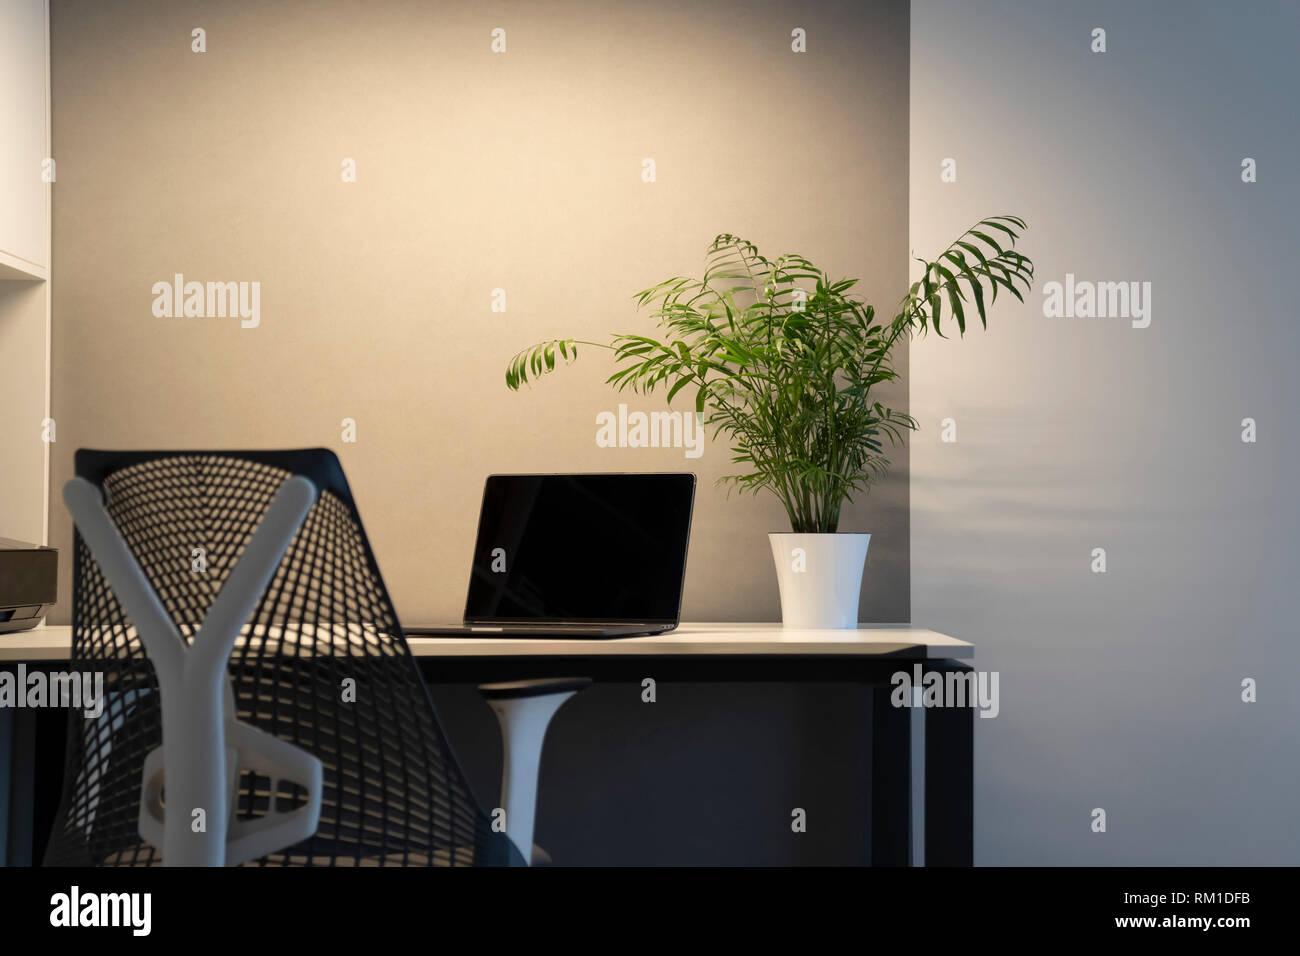 Office Interior Chaire D Orthopedie Les Ordinateurs Portables Et